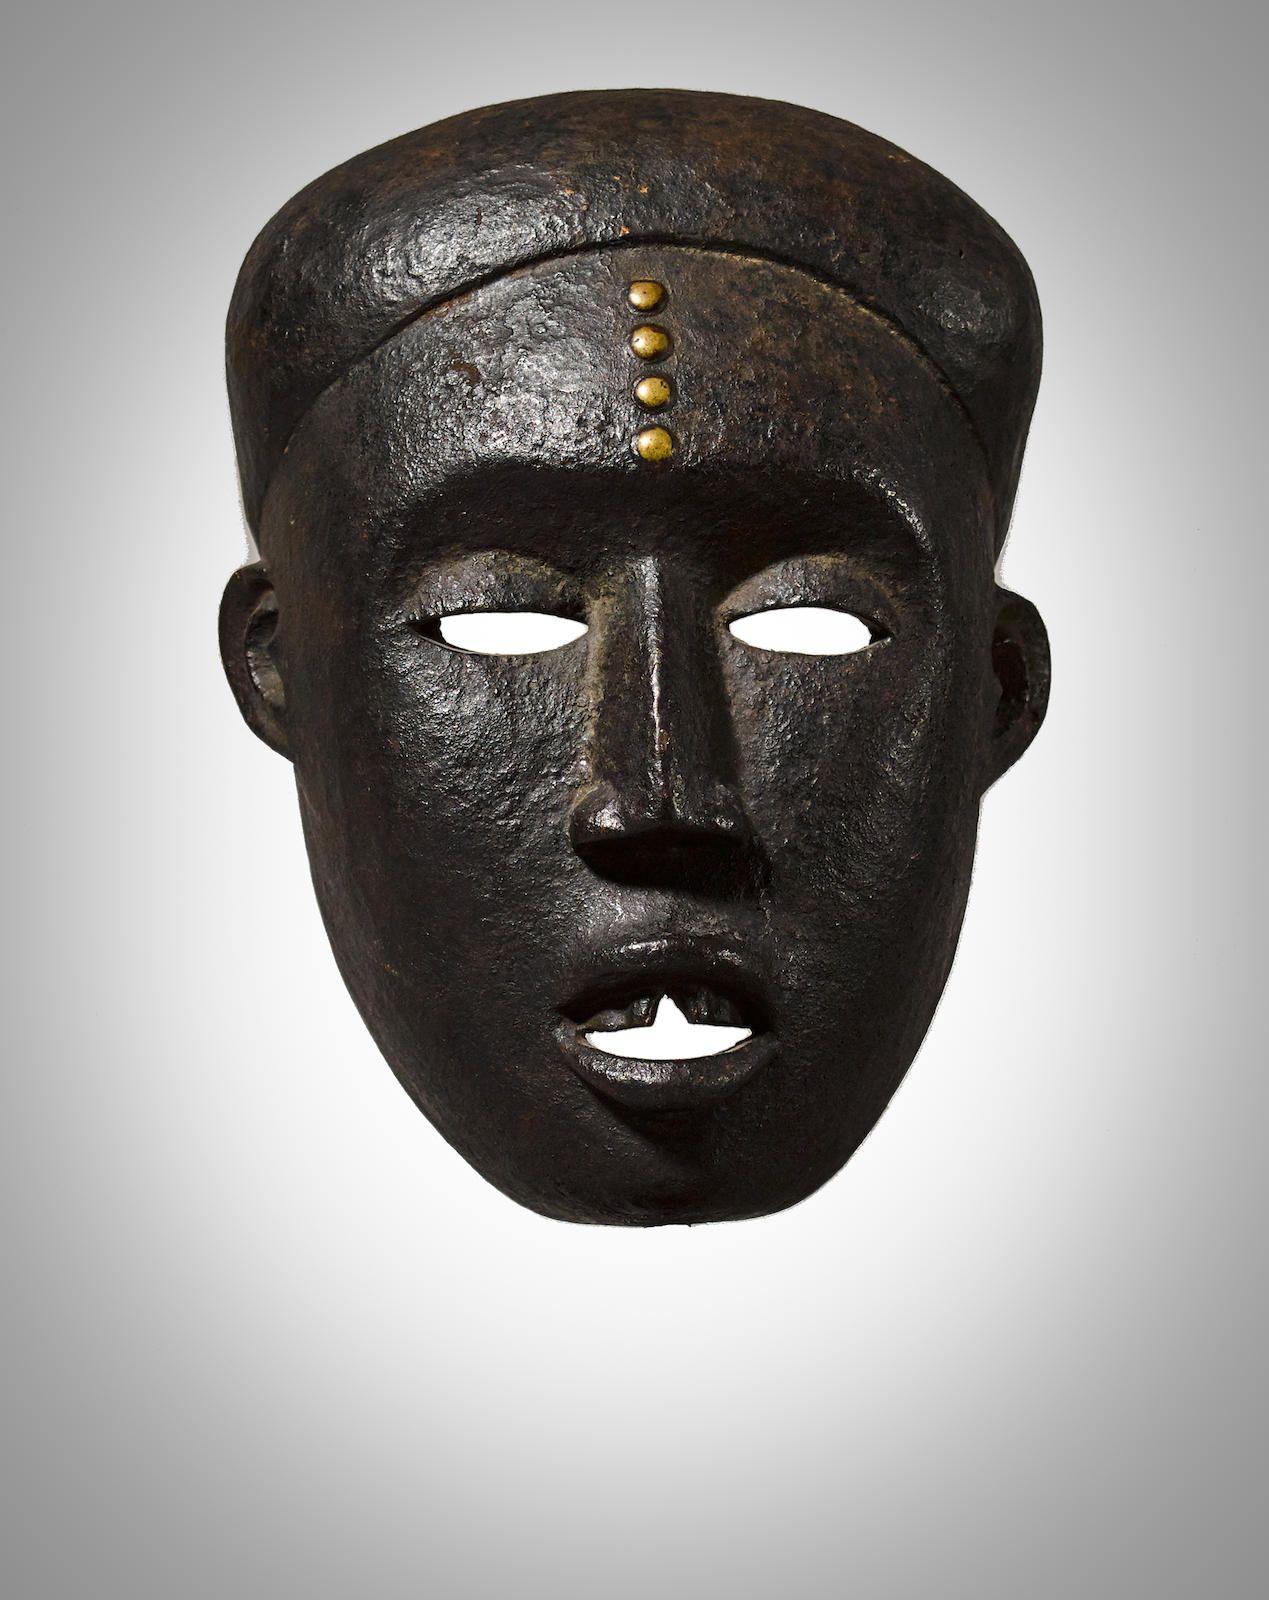 Pin By Kamlesh On Ka In 2019: Jennifer Gibson Adlı Kullanıcının Masks